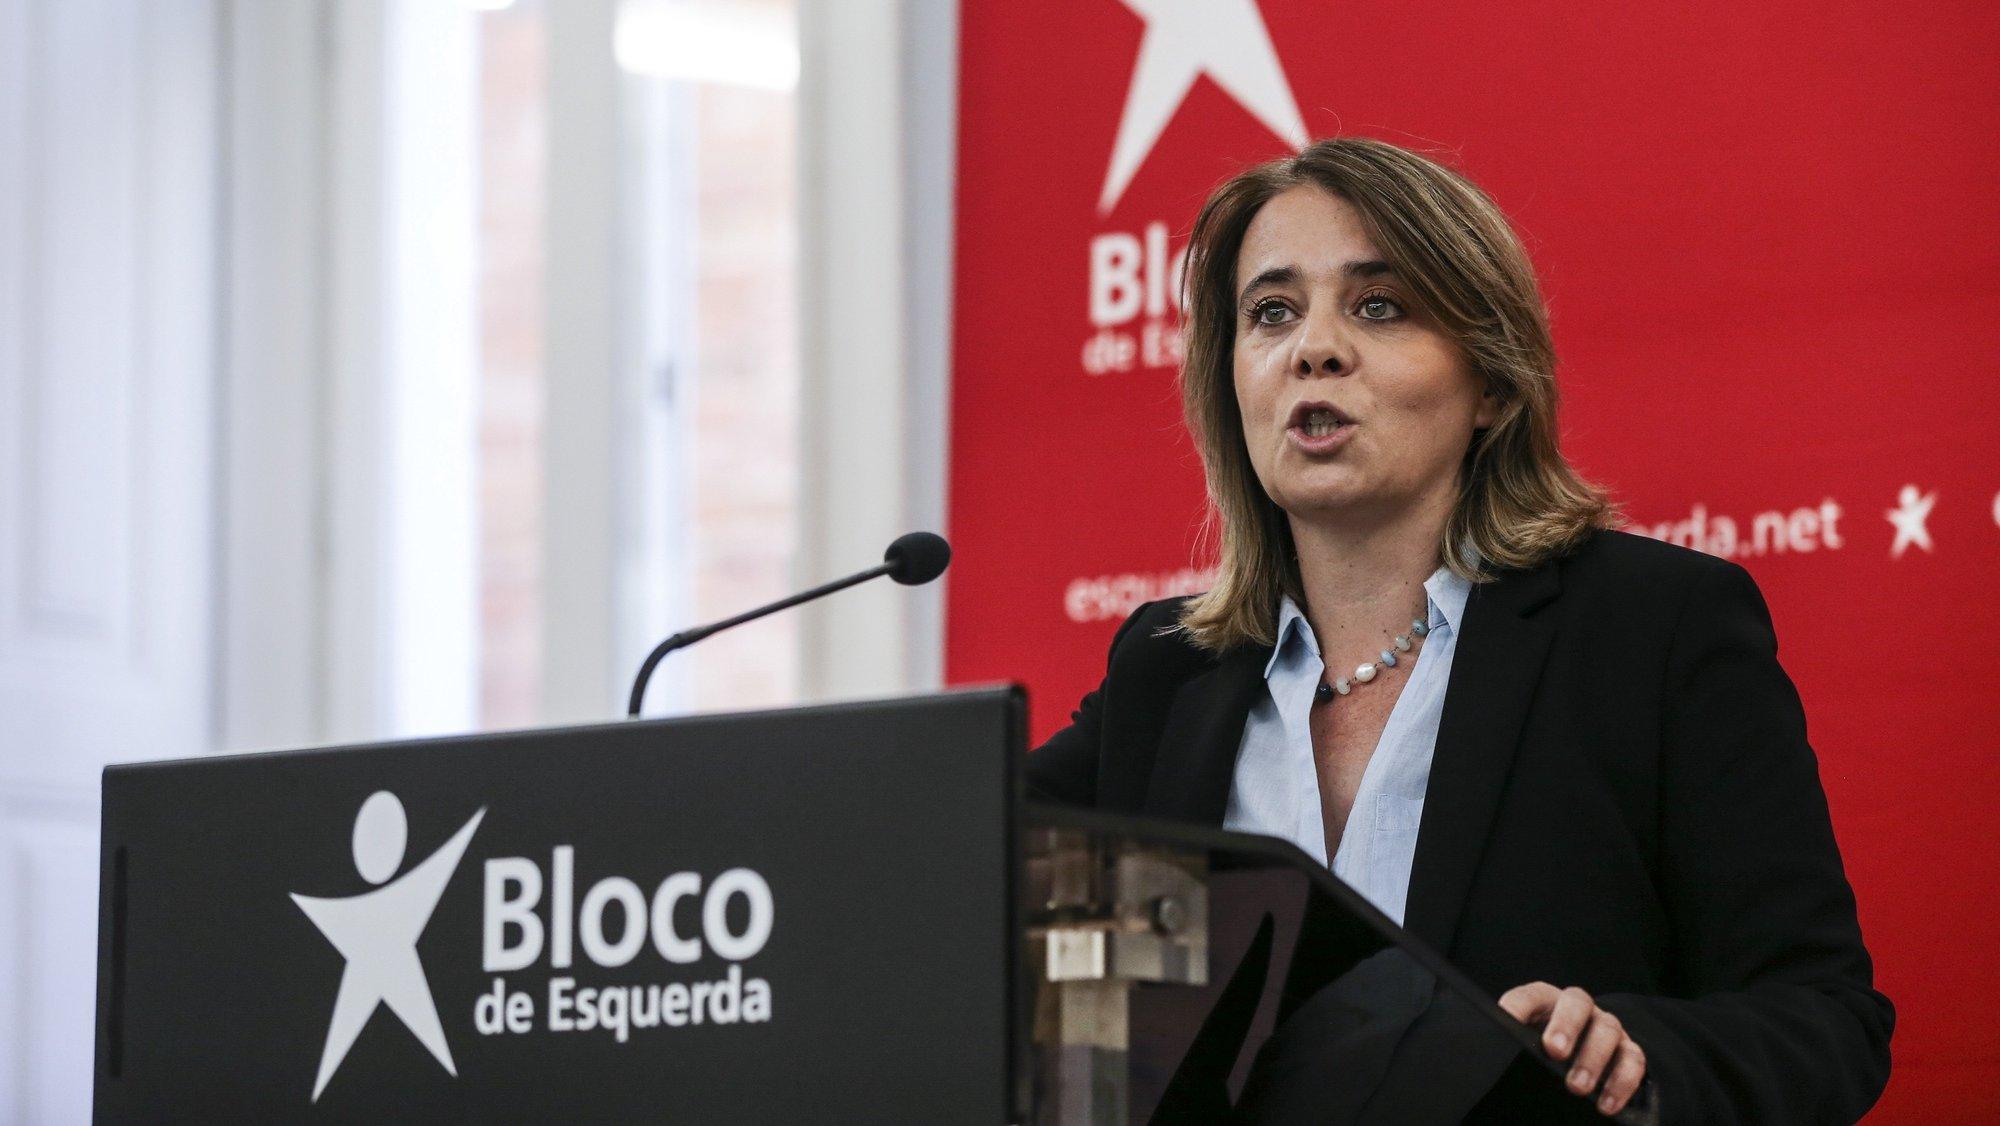 A coordenadora do Bloco de Esquerda (BE), Catarina Martins, fala aos jornalistas durante uma conferência de imprensa sobre as conclusões para o Orçamento do Estado para 2022, na sede nacional do partido, Lisboa, 24 de outubro de 2021. MANUEL DE ALMEIDA / LUSA